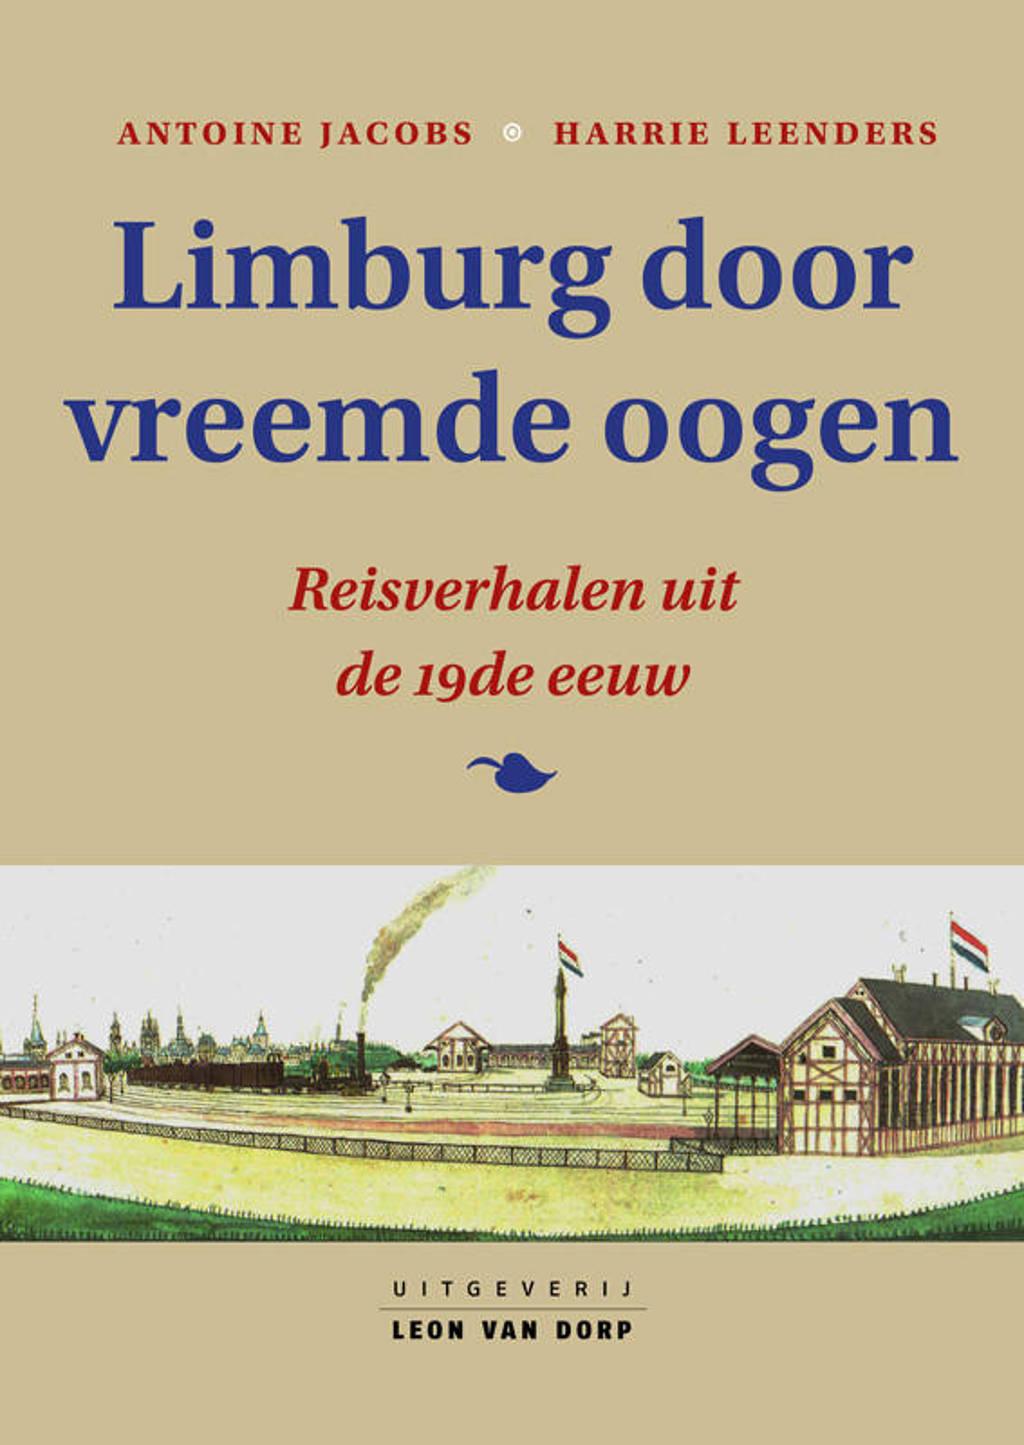 Limburg door vreemde oogen - Antoine Jacobs en Harrie Leenders